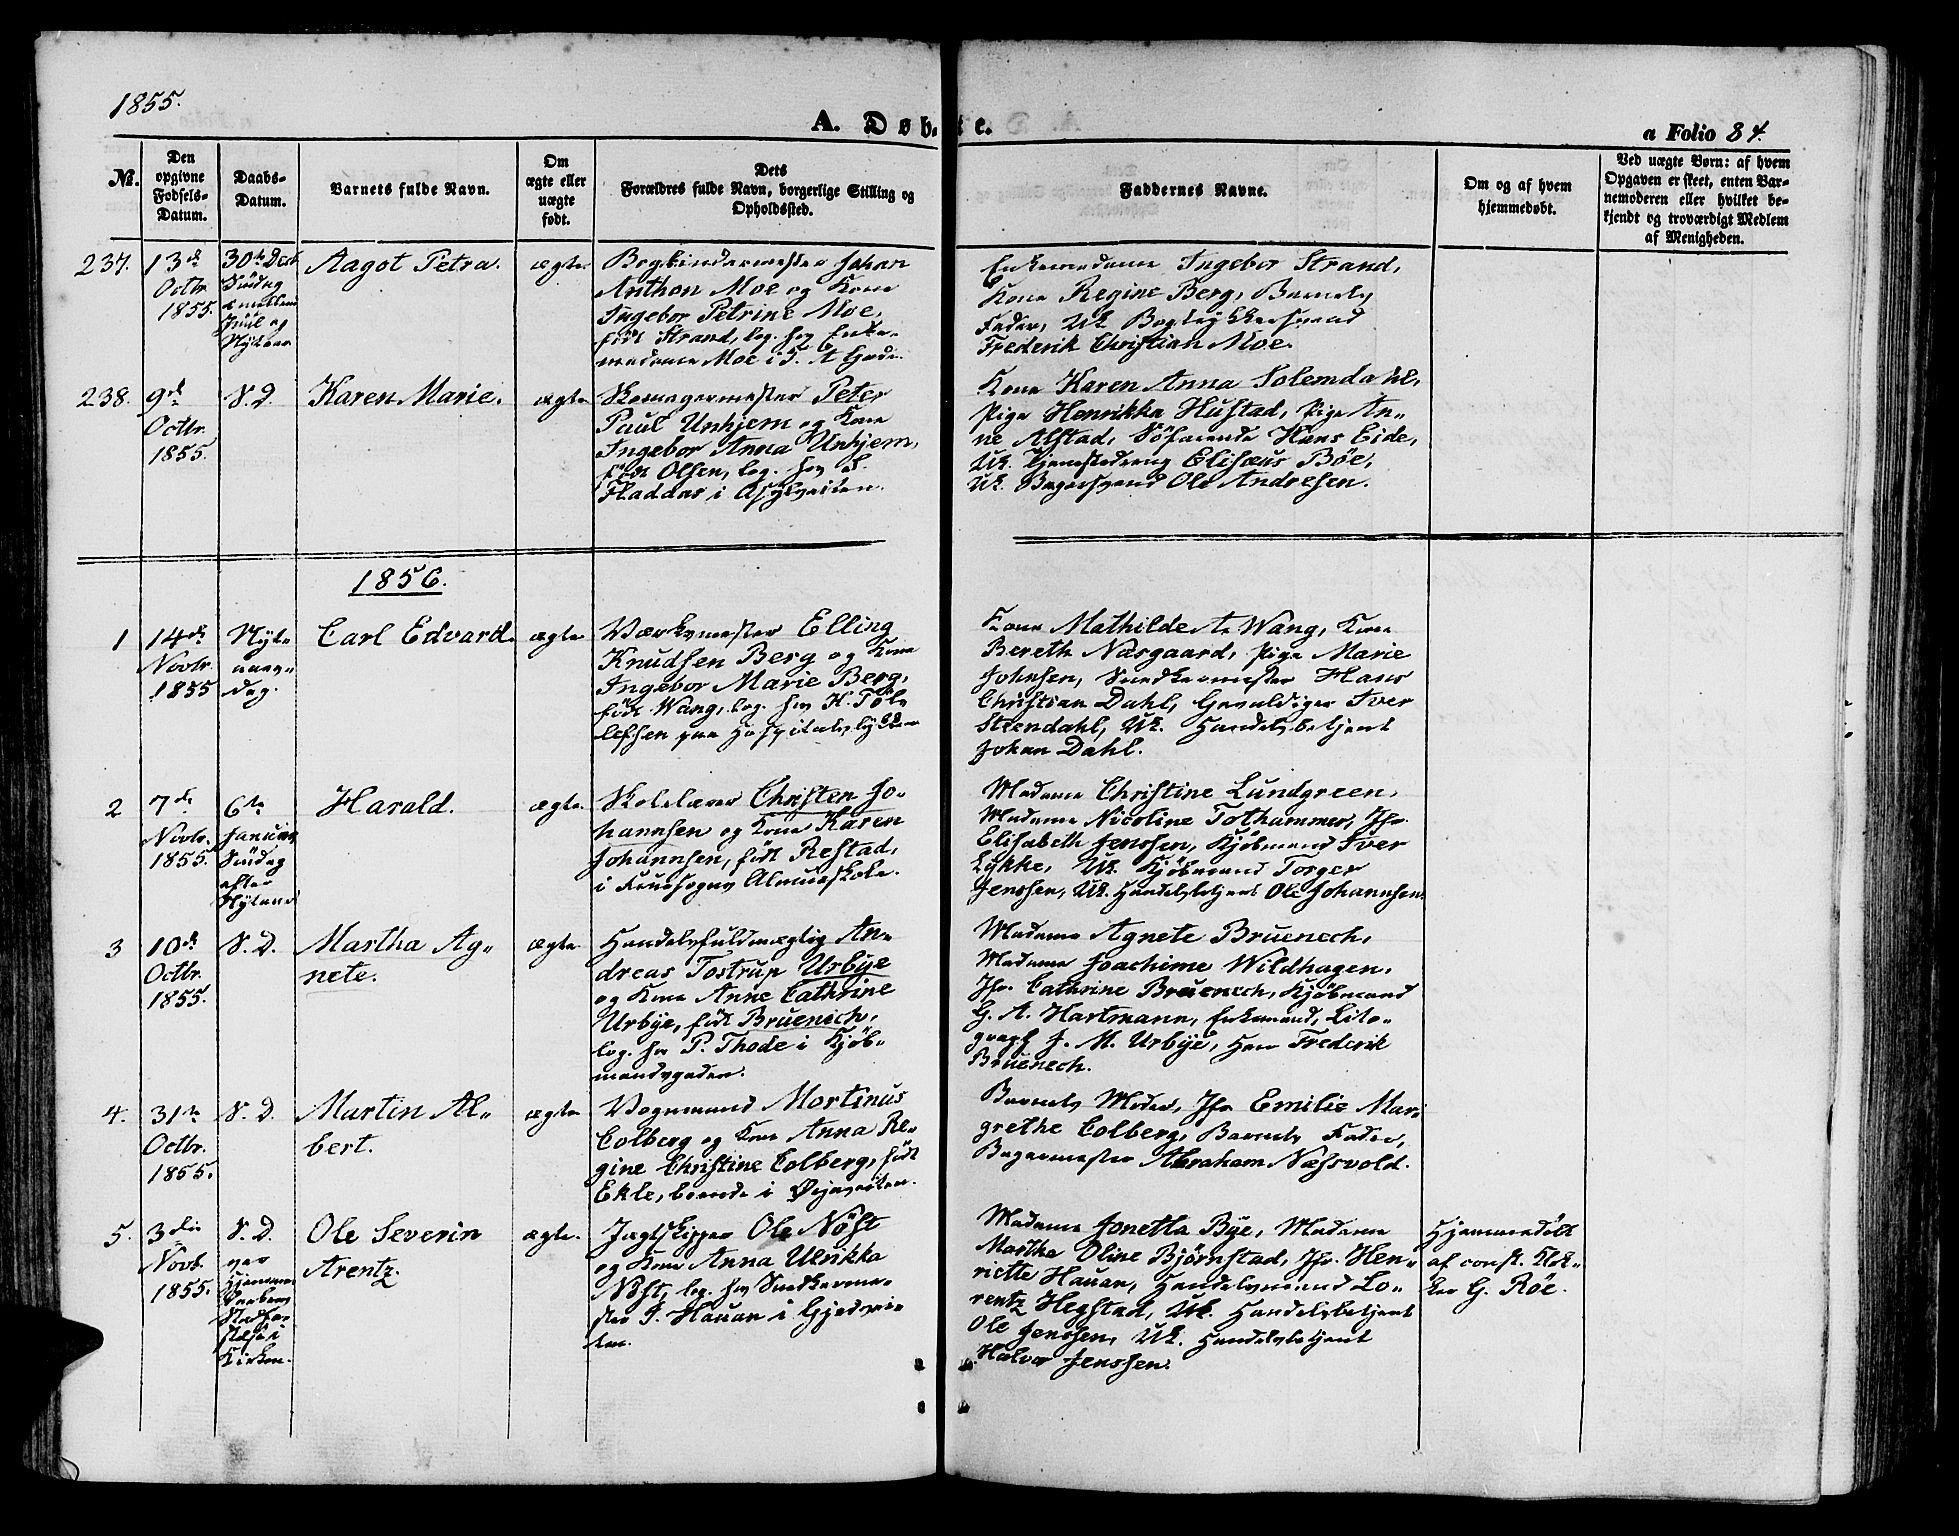 SAT, Ministerialprotokoller, klokkerbøker og fødselsregistre - Sør-Trøndelag, 602/L0138: Klokkerbok nr. 602C06, 1853-1858, s. 84